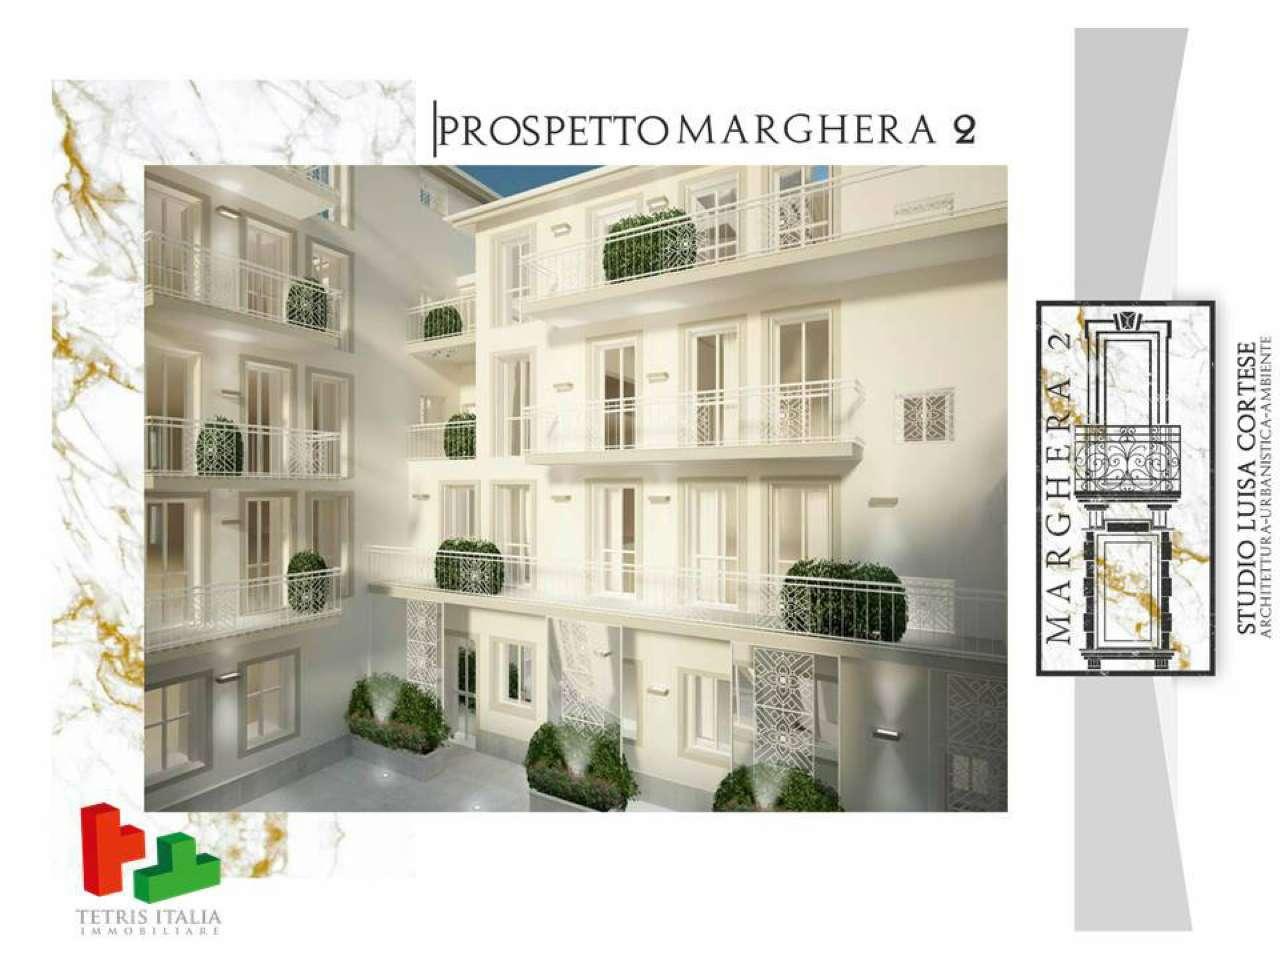 Appartamento in vendita a Milano, 4 locali, zona Zona: 12 . De Angeli, Vercelli, Washington, Sicilia, S. Michele del Carso, prezzo € 1.400.000 | CambioCasa.it